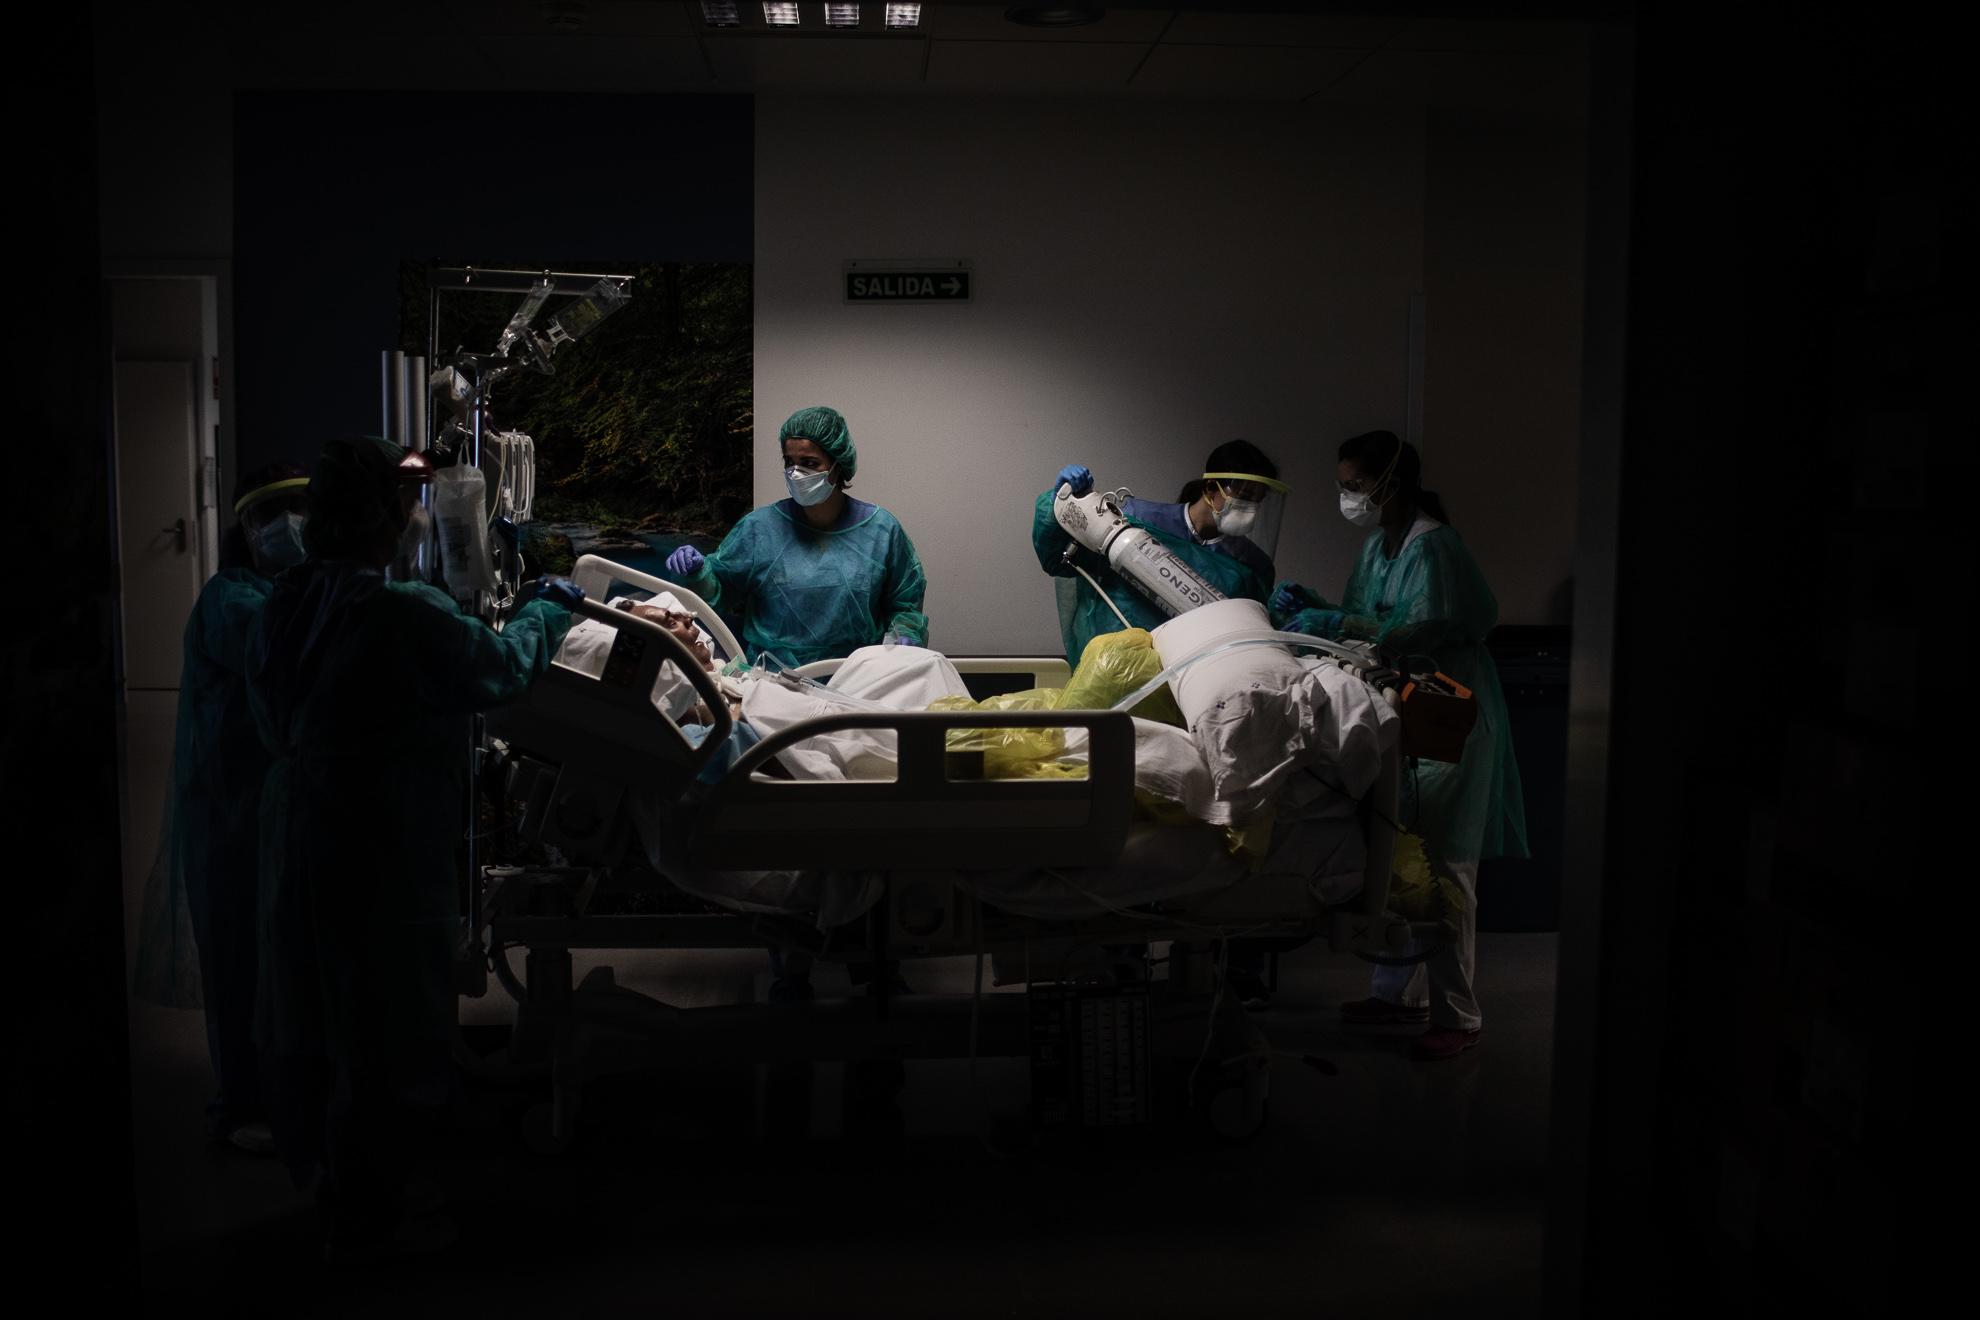 Personal sanitario del Hospital Universitario Central de Asturias (HUCA) durante un traslado de pacientes COVID-19 entre unidades UCI. Oviedo, Asturias, España. 14 mayo, 2020.